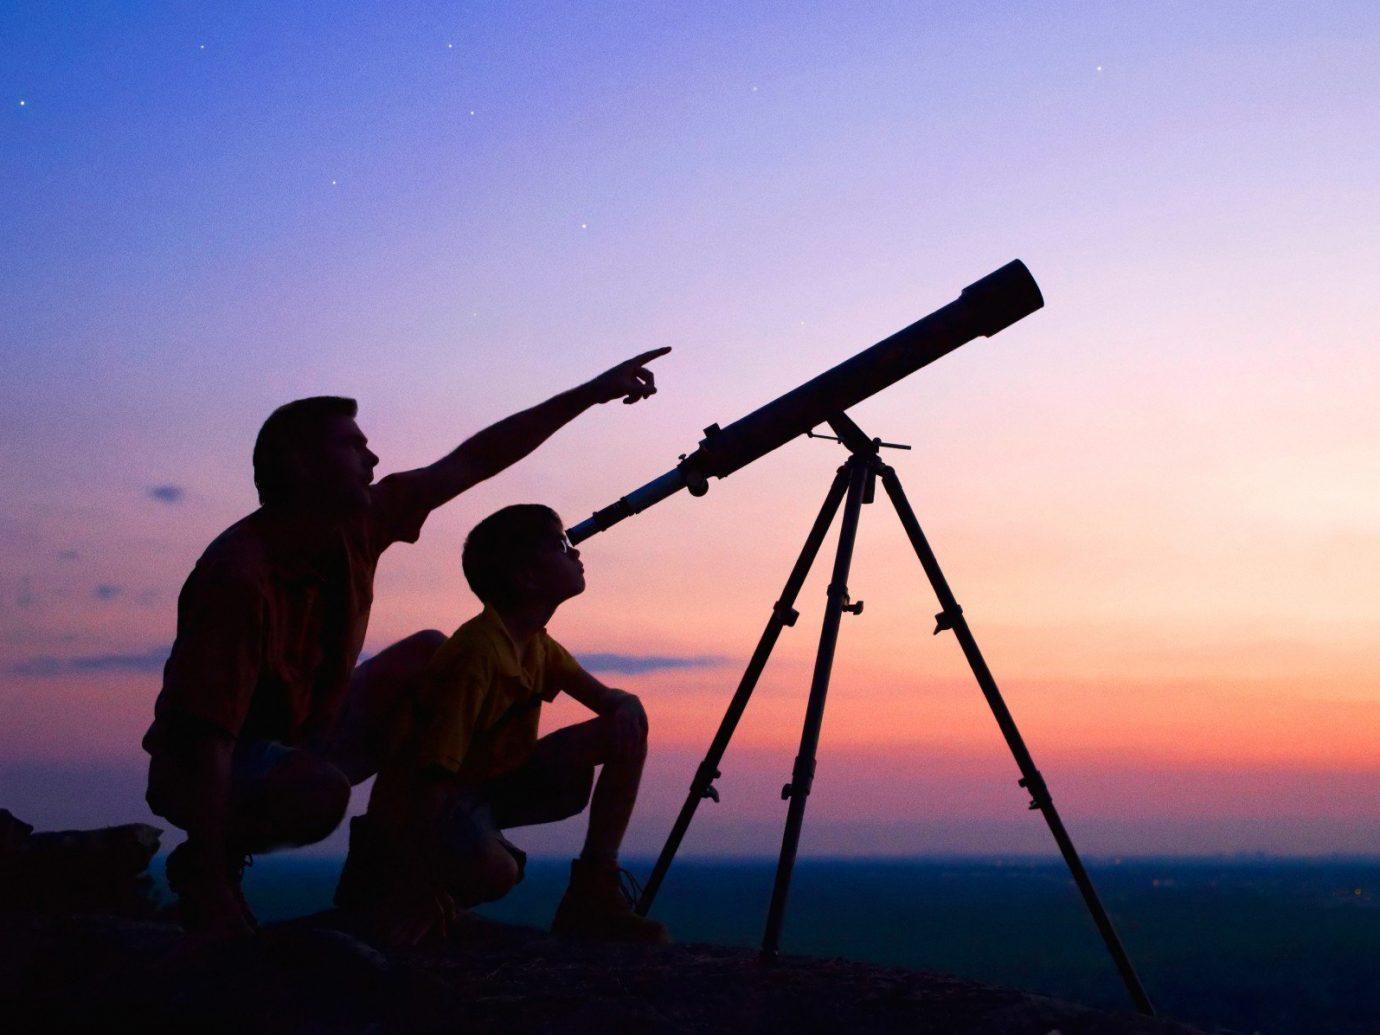 Budget sky outdoor telescope atmosphere of earth silhouette Sunset Sun Sea sunrise dusk distance